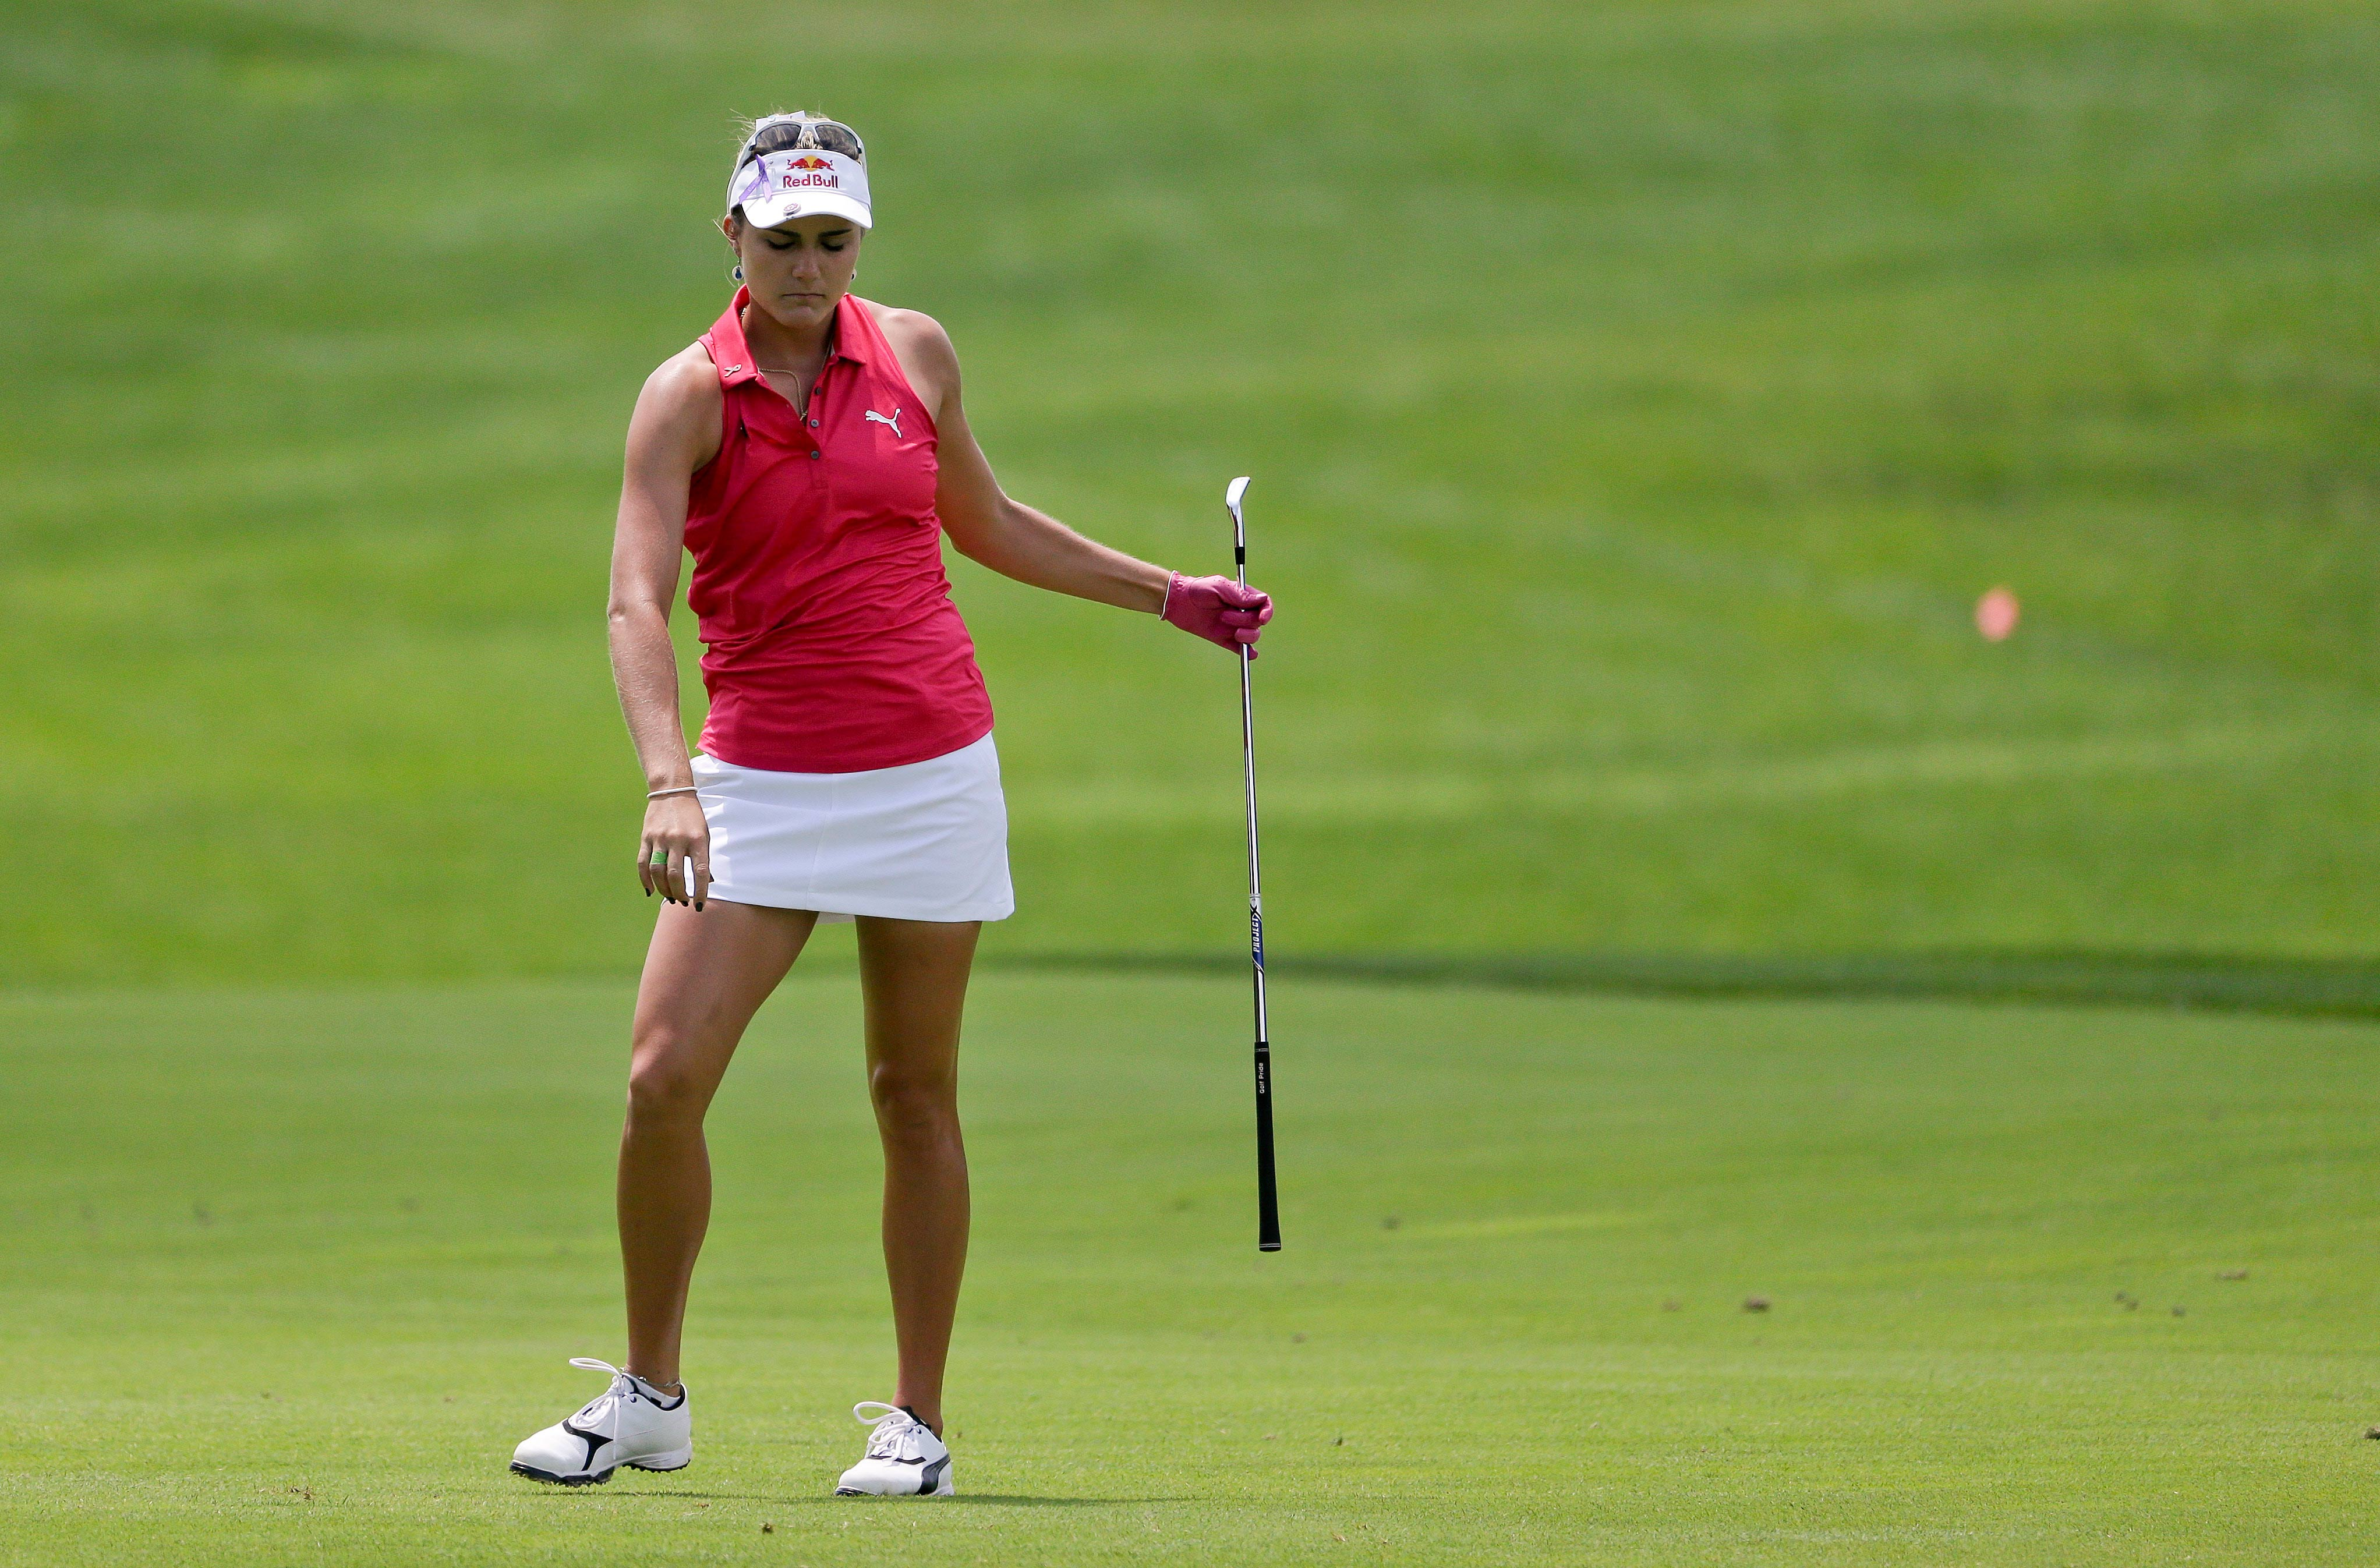 La estadounidense Lexi Thompson, una de las golfistas que tendrá que adaptarse al nuevo código de vestimenta. Foto AP.